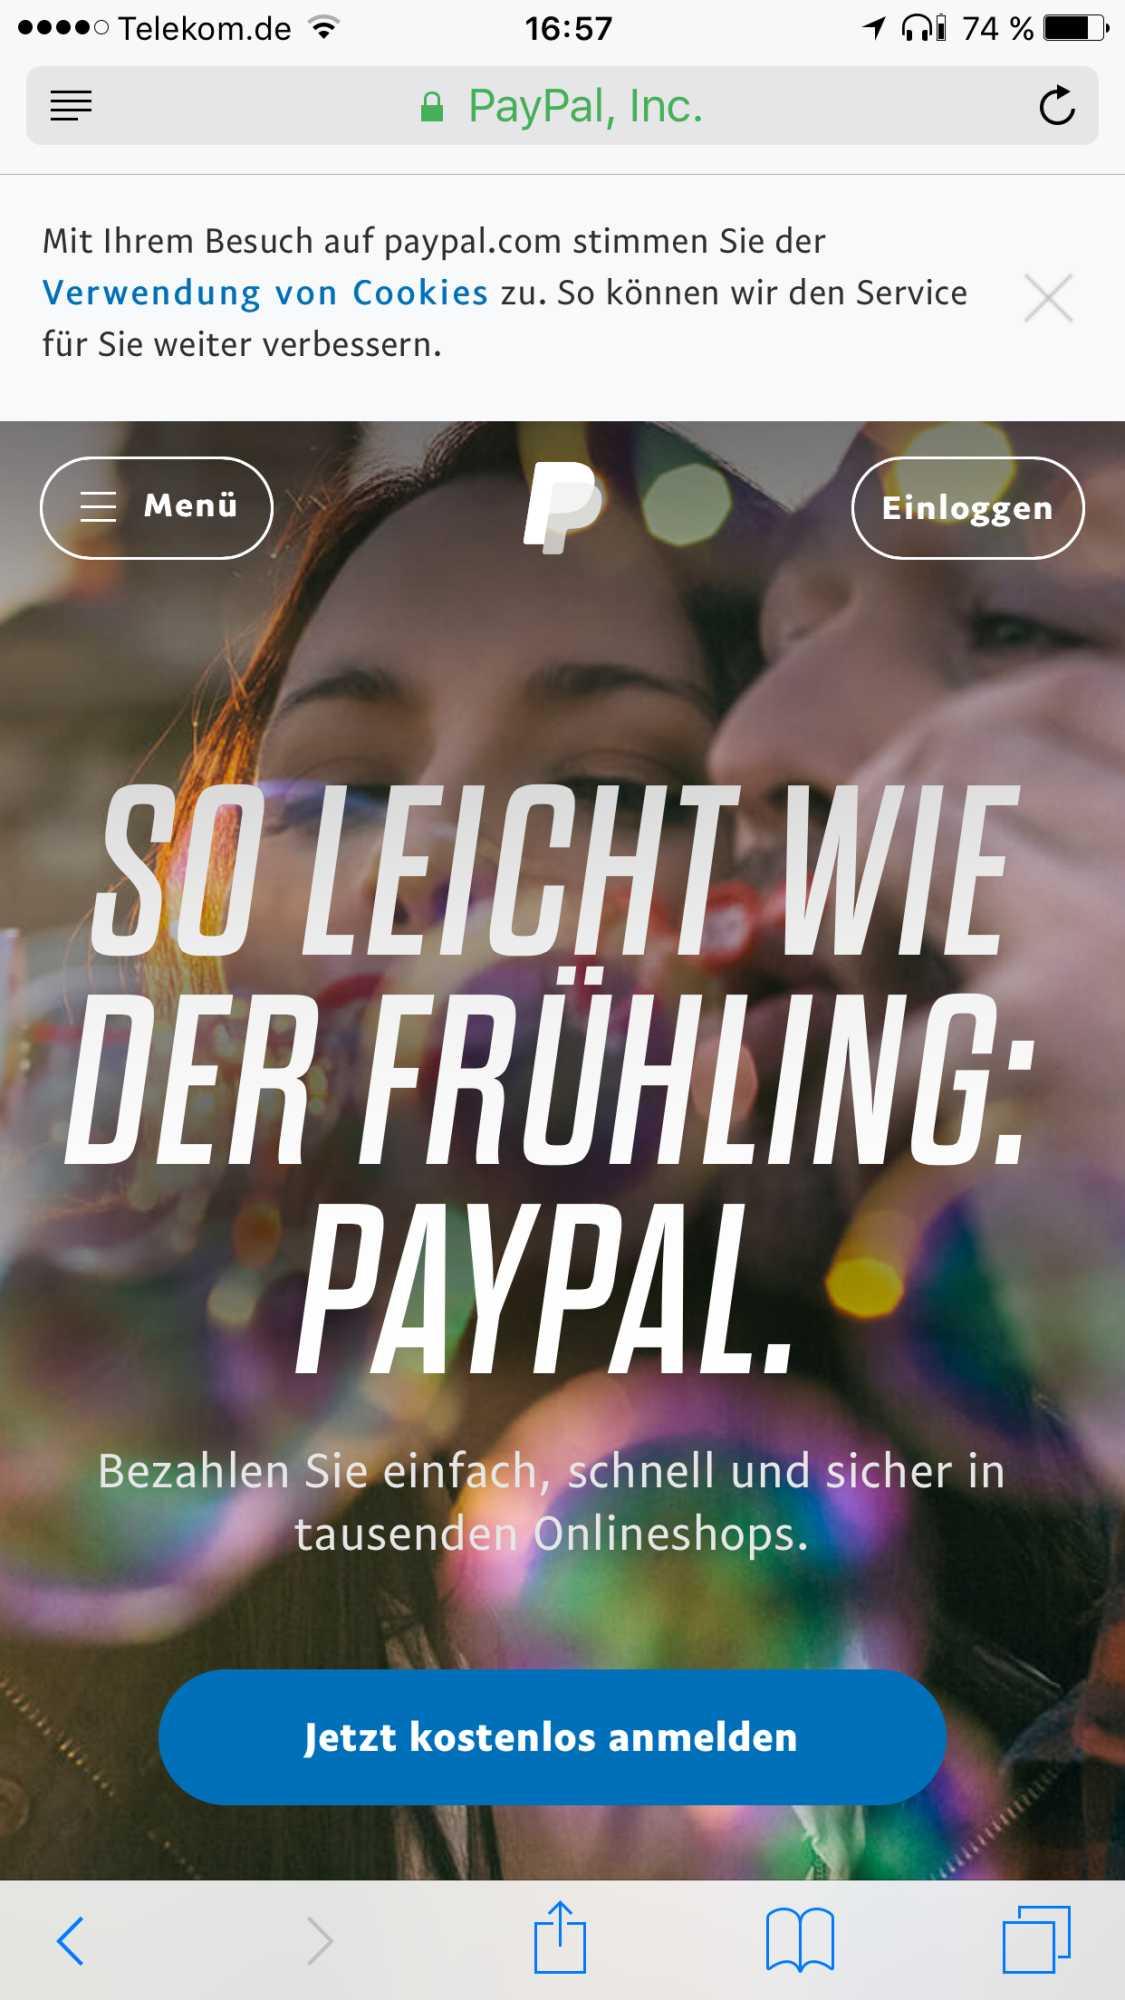 Safari öffnet klaglos eine angeblich sichere Verbindung zu PayPal.